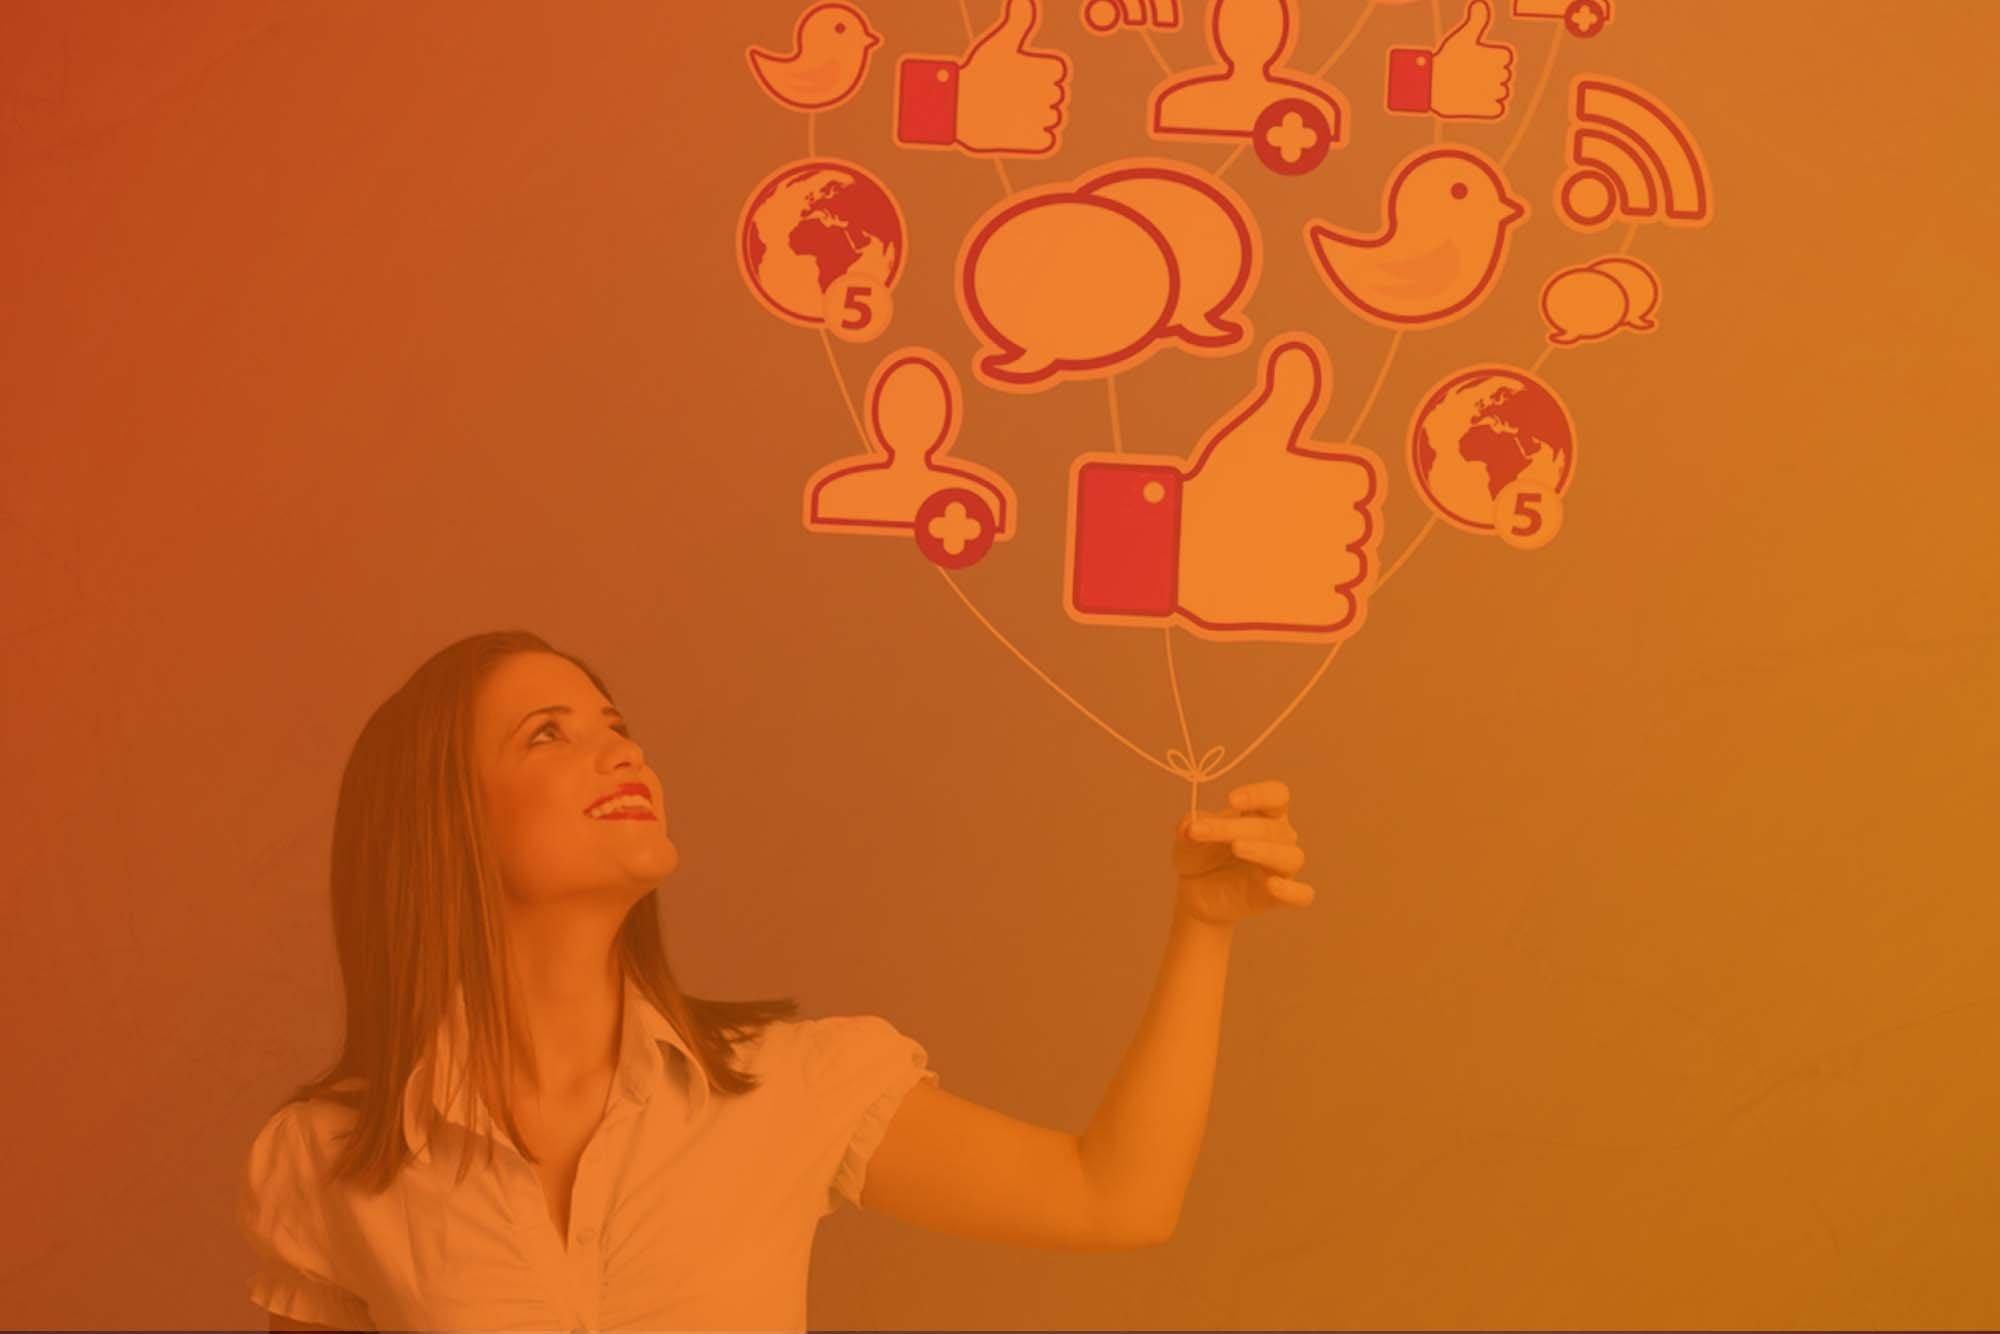 estrategia redes sociales.jpg